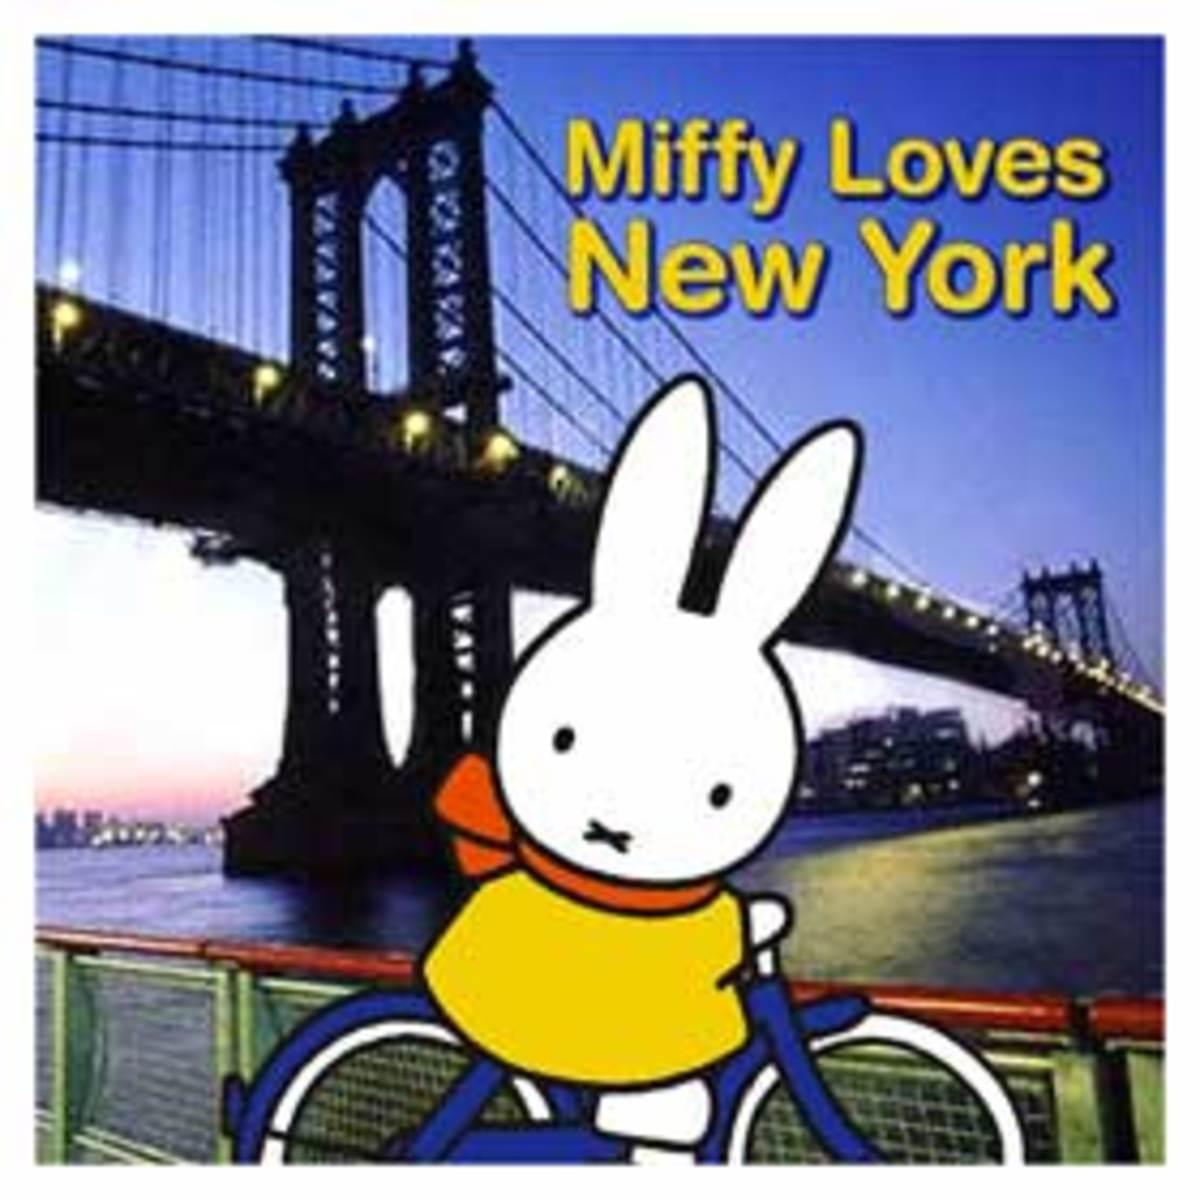 Miffy as family tourism ambassador